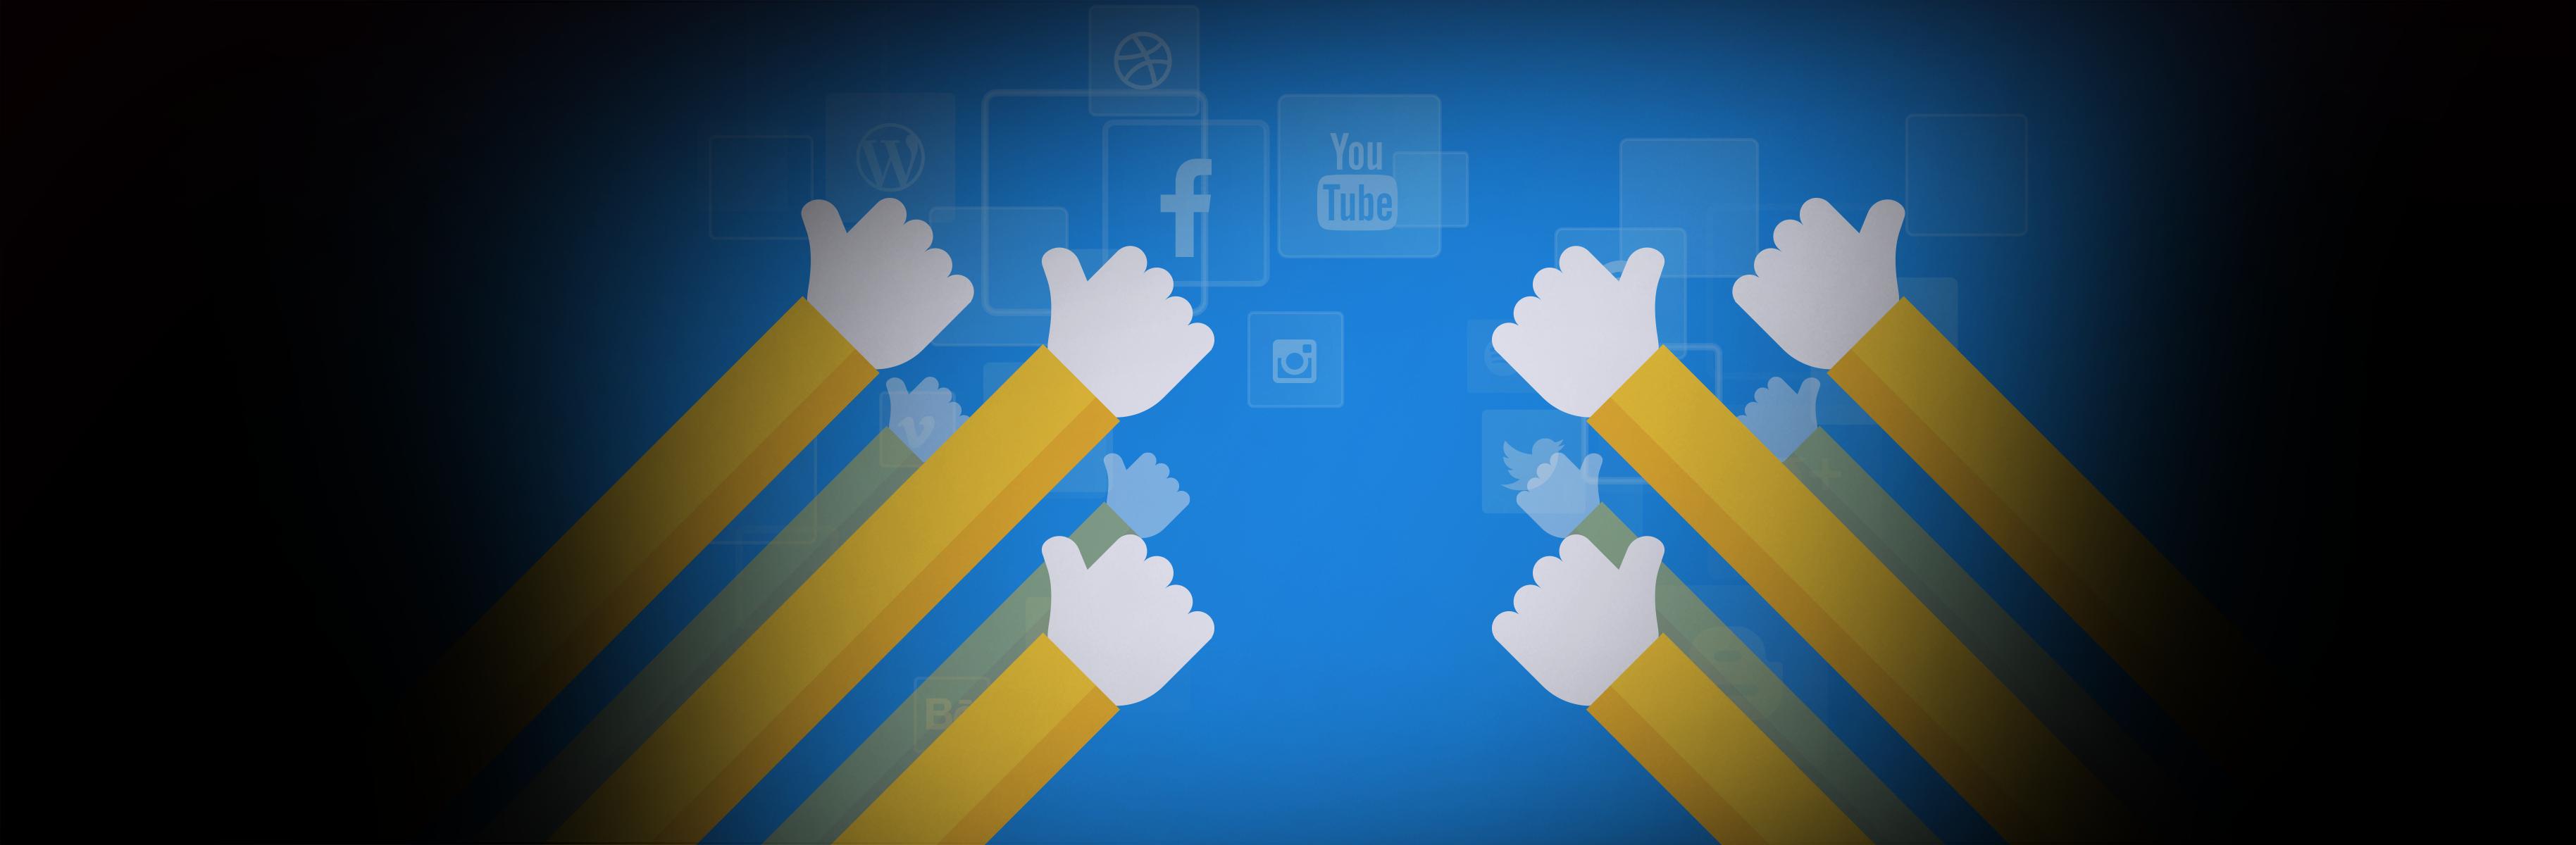 Engajamento de marca: como transformar clientes em fãs